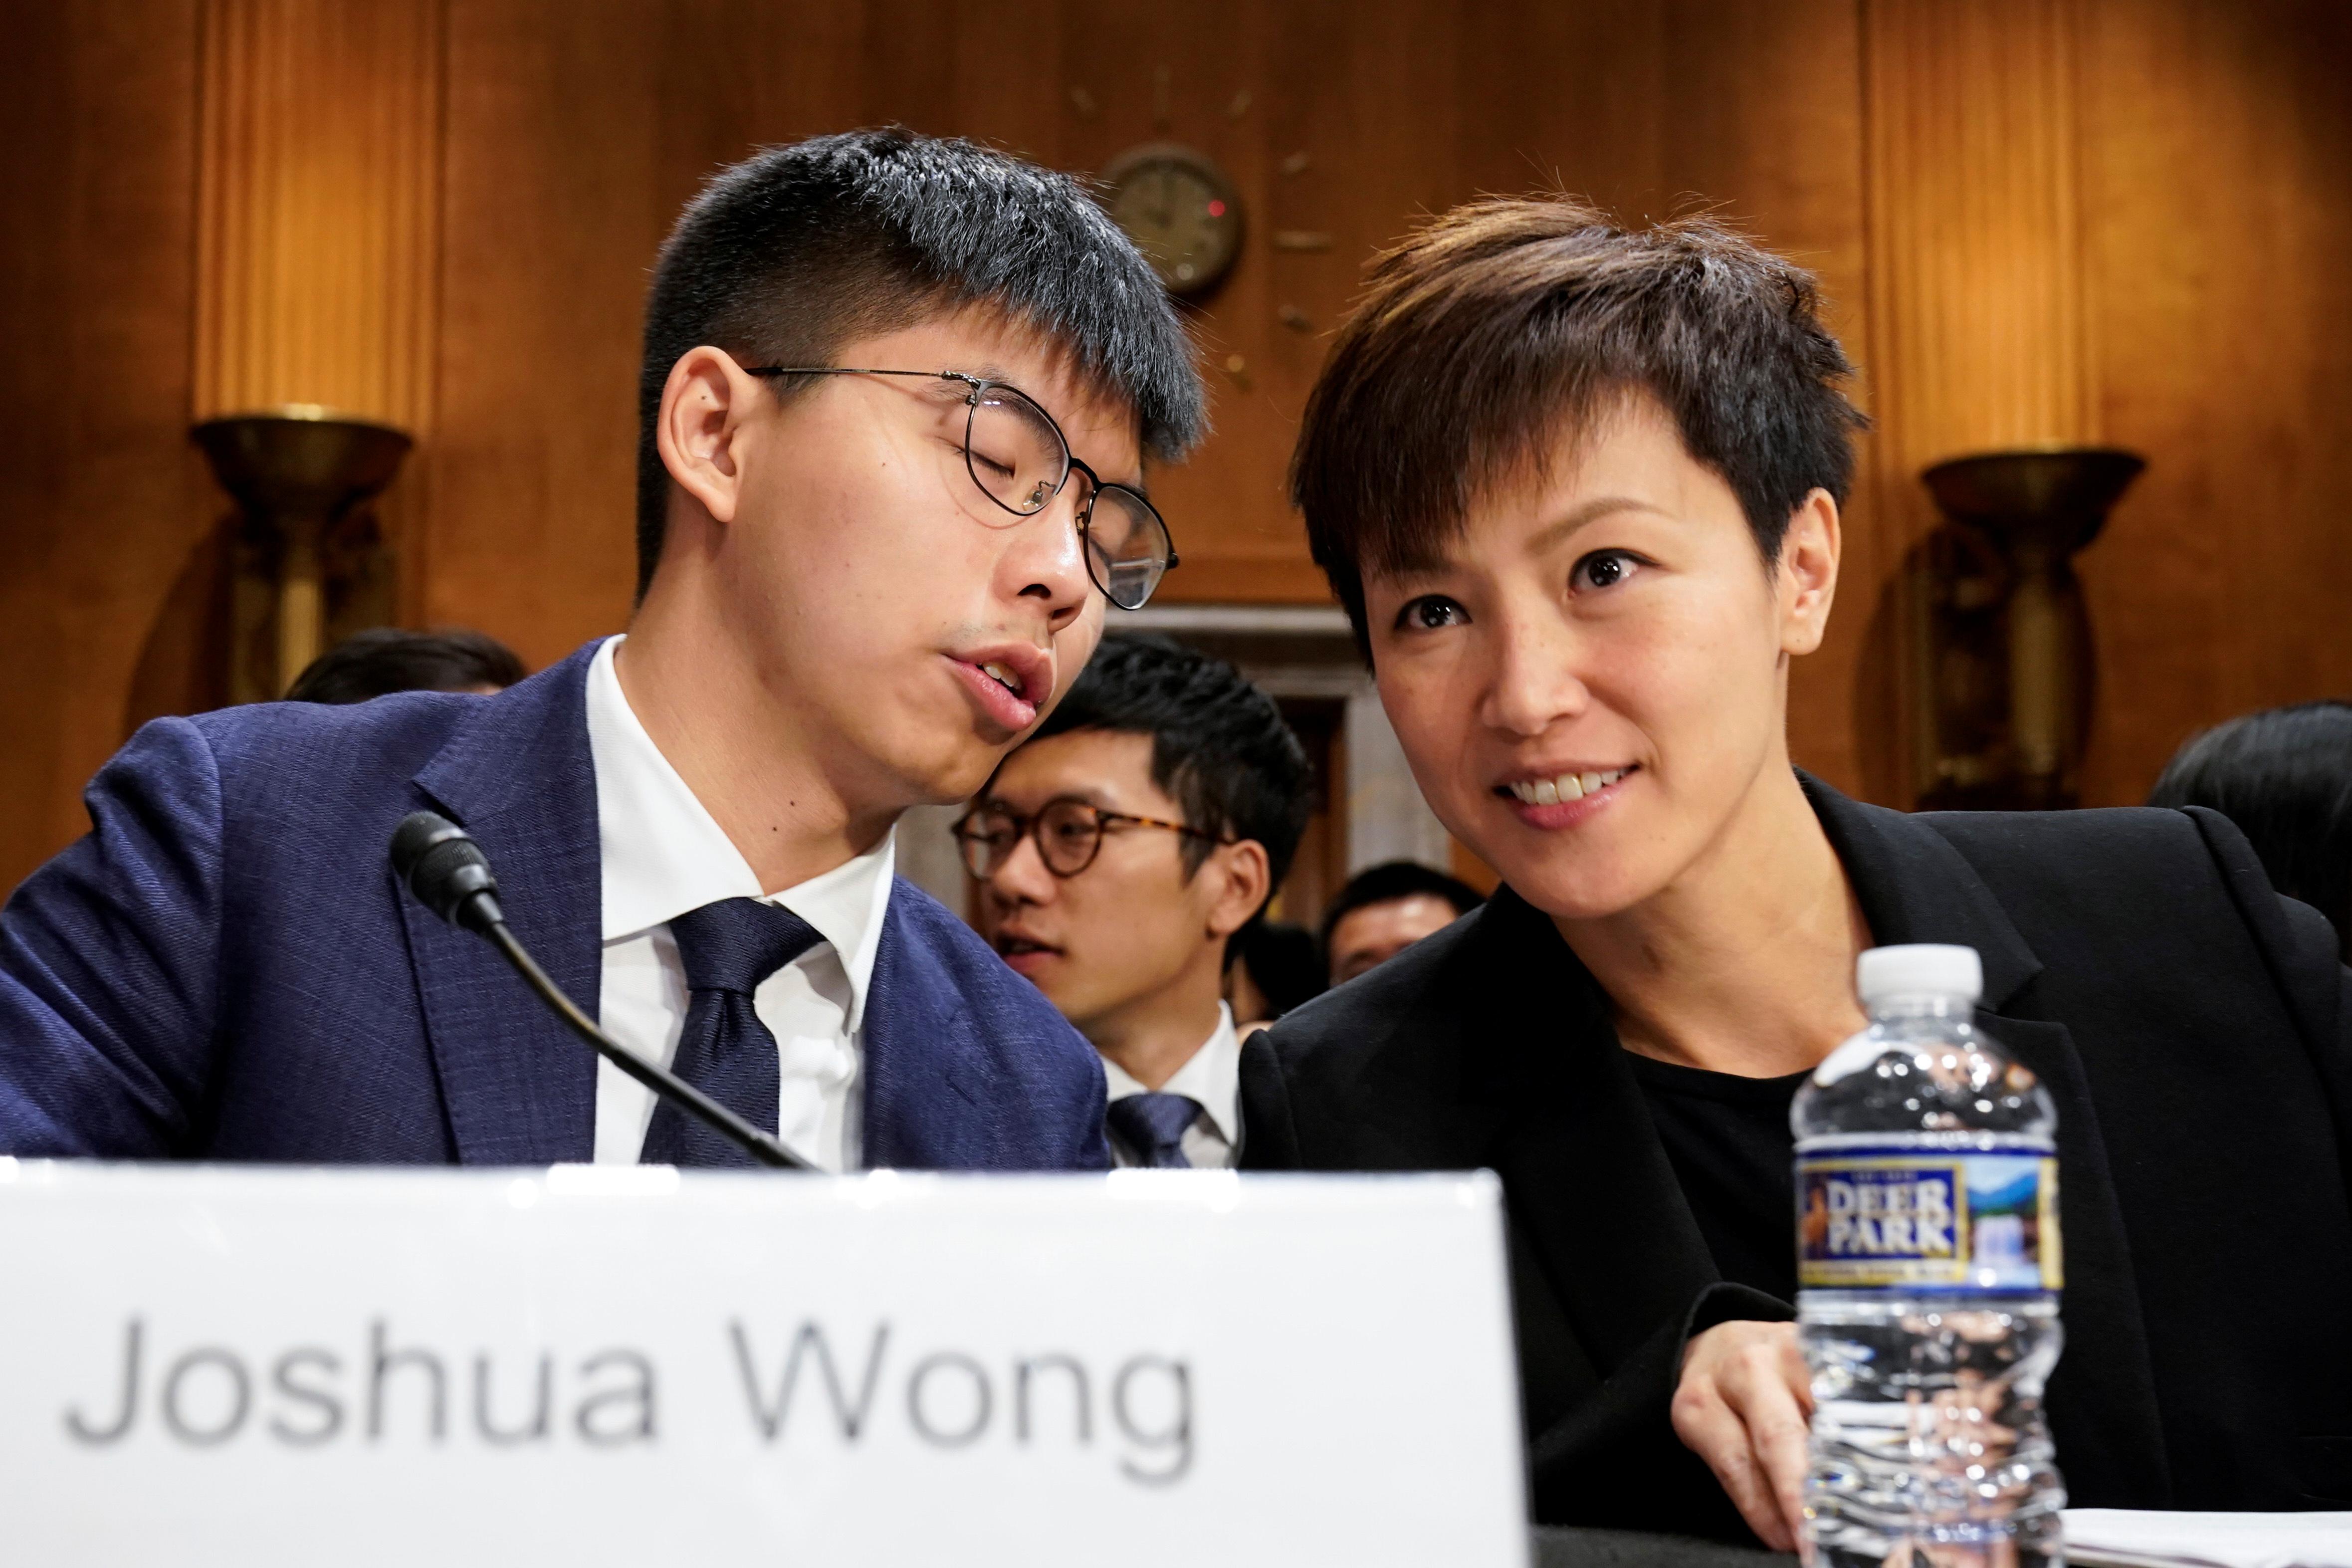 黄之锋(左)和歌手何韵诗(右)出席美国国会及行政部门中国问题委员会举办听证会,呼吁通过香港人权及民主法案。-路透社-